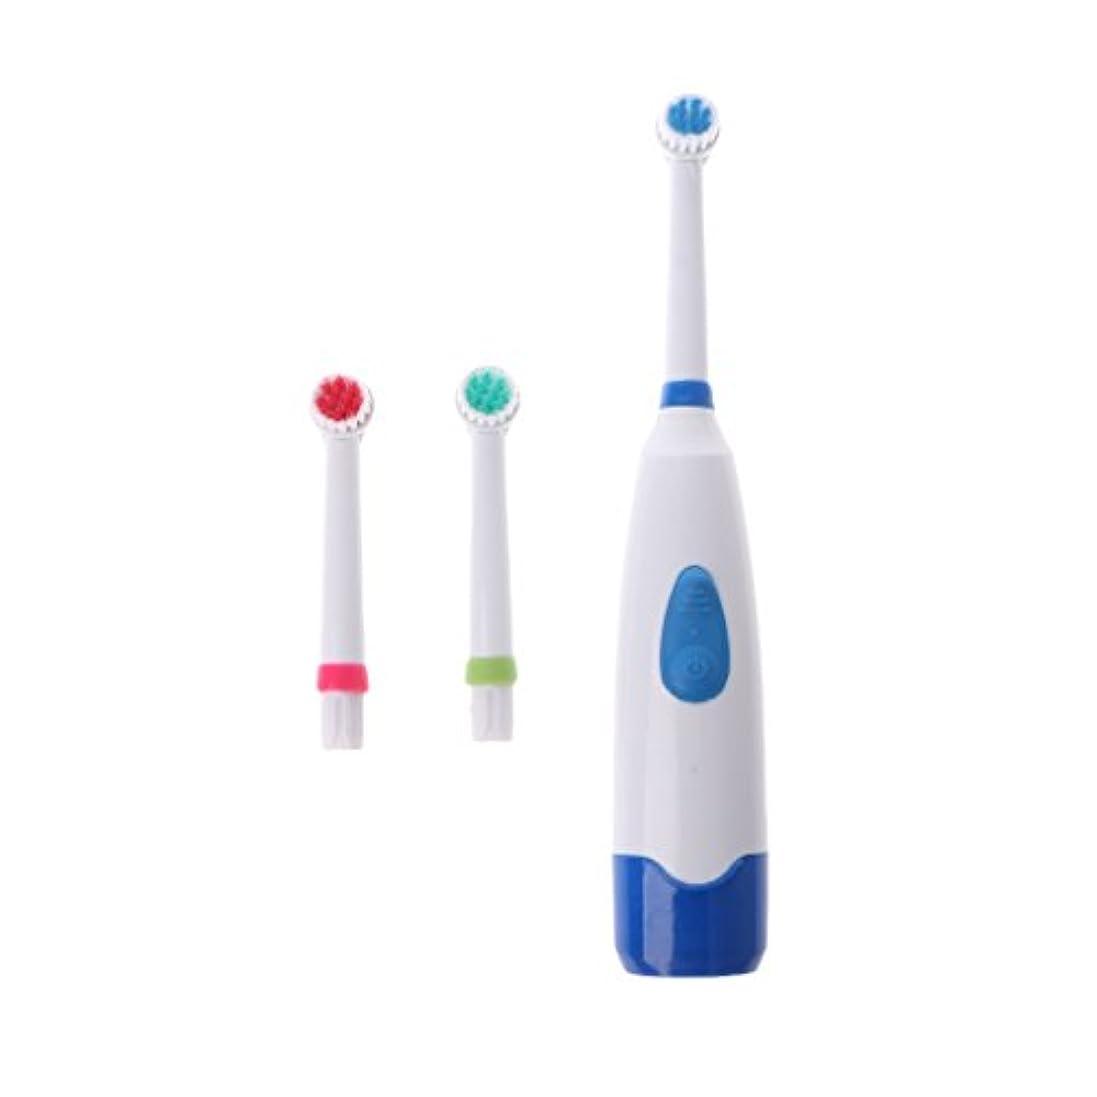 ずらすシールベーコンManyao 3ブラシヘッドで防水回転電動歯ブラシ (青)